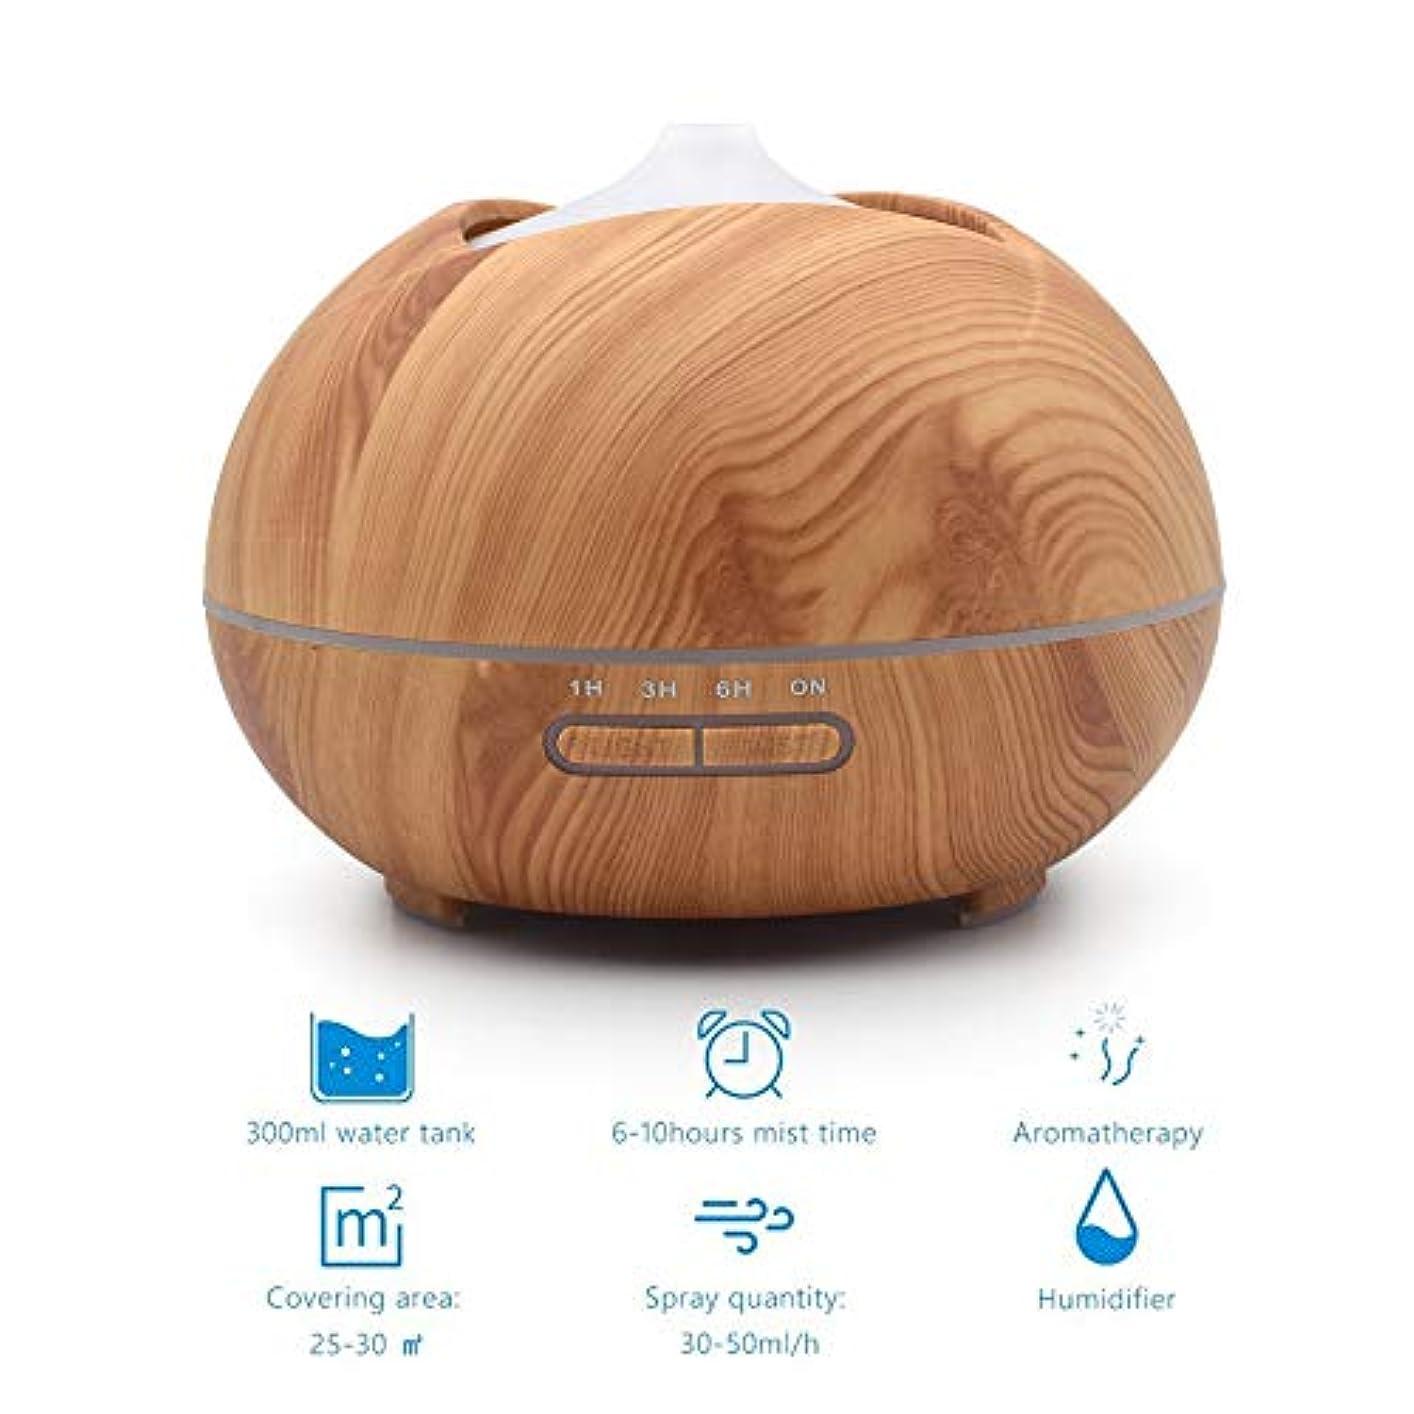 見る人技術的なのスコア木目クールミスト加湿器、500ミリリットルアロマセラピーディフューザー付き2ミストモードささやき静かな加湿器用寝室、ホーム、オフィス,lightwoodgrain